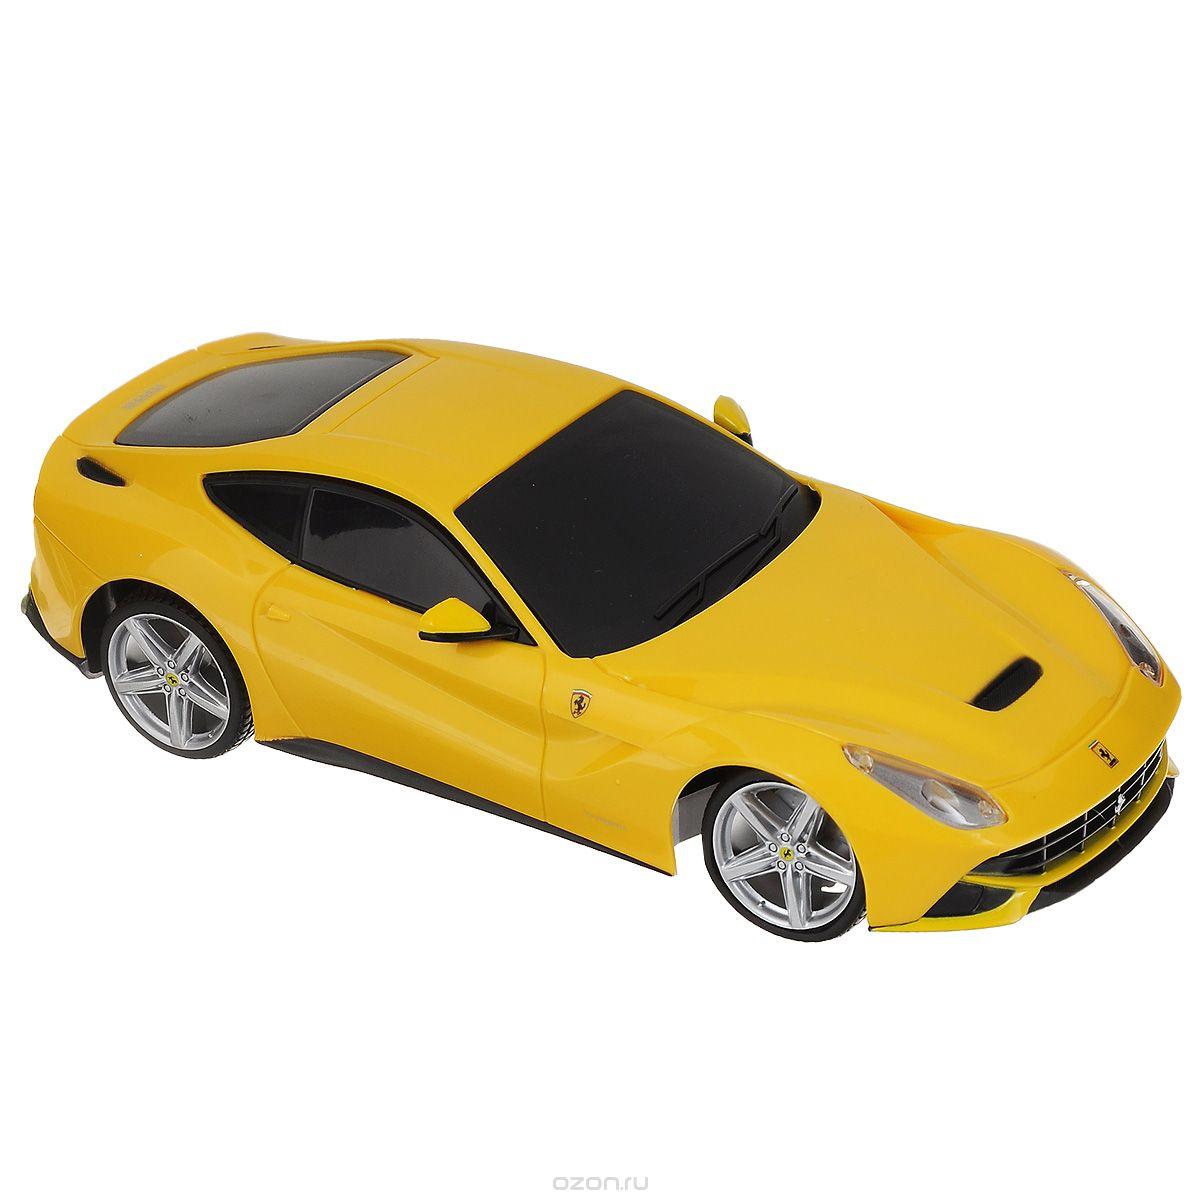 Maisto Радиоуправляемая модель Ferrari F12 Berlinetta цвет желтый масштаб 1:14 maisto радиоуправляемая модель ferarri ff цвет желтый